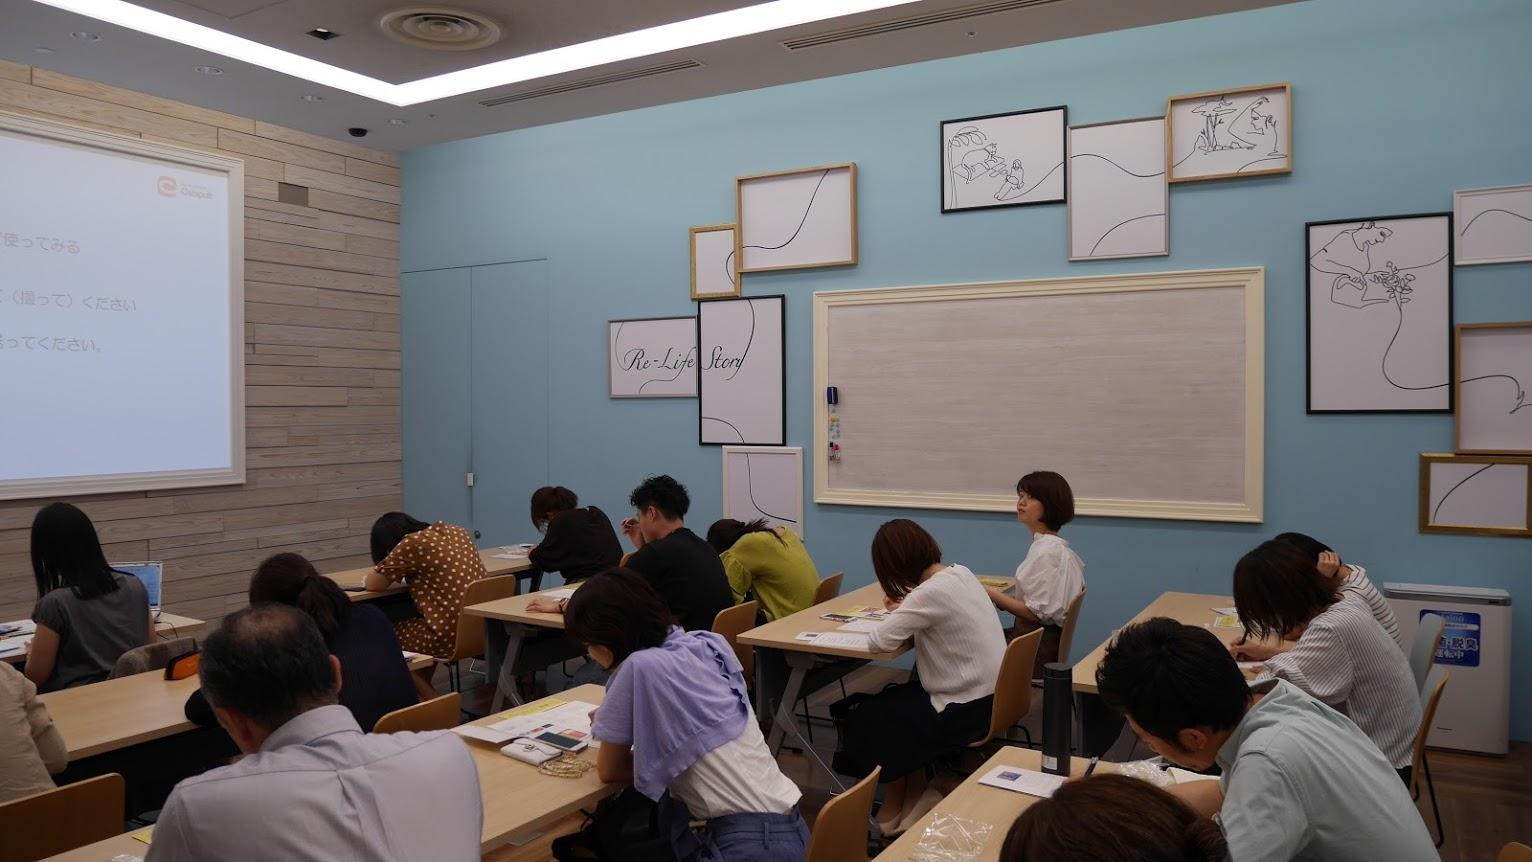 1_グランフロント大阪で行われたワークショップの様子_Workshop at Grand Front Osaka.JPG